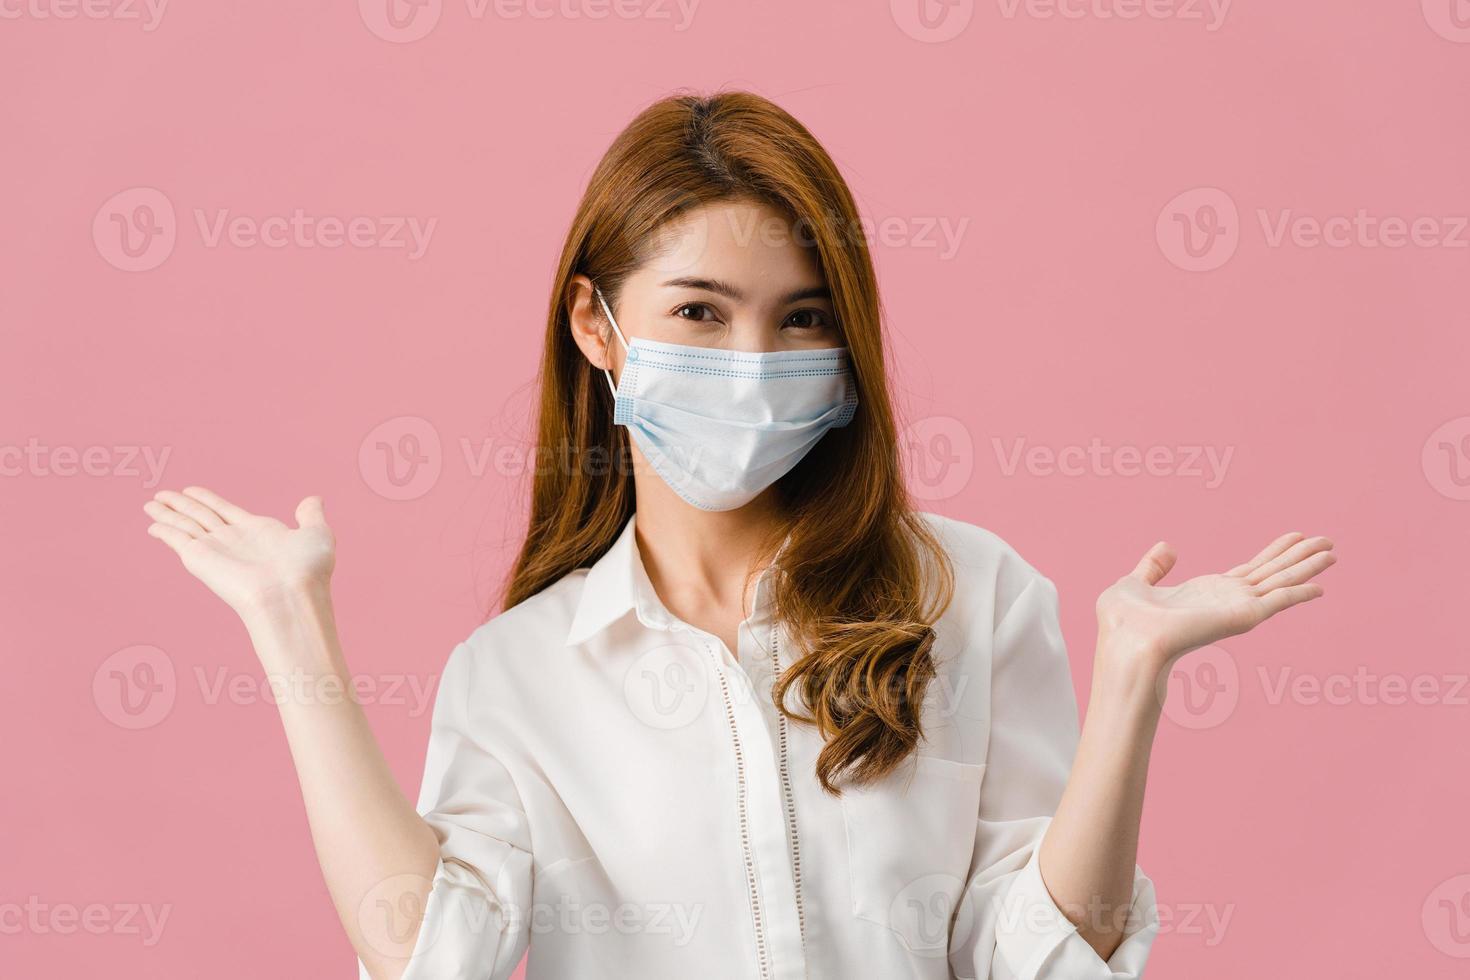 giovane ragazza asiatica che indossa una maschera medica che mostra segno di pace, incoraggia con vestiti in abiti casual e guardando la telecamera isolata su sfondo rosa. distanziamento sociale, quarantena per il virus corona. foto